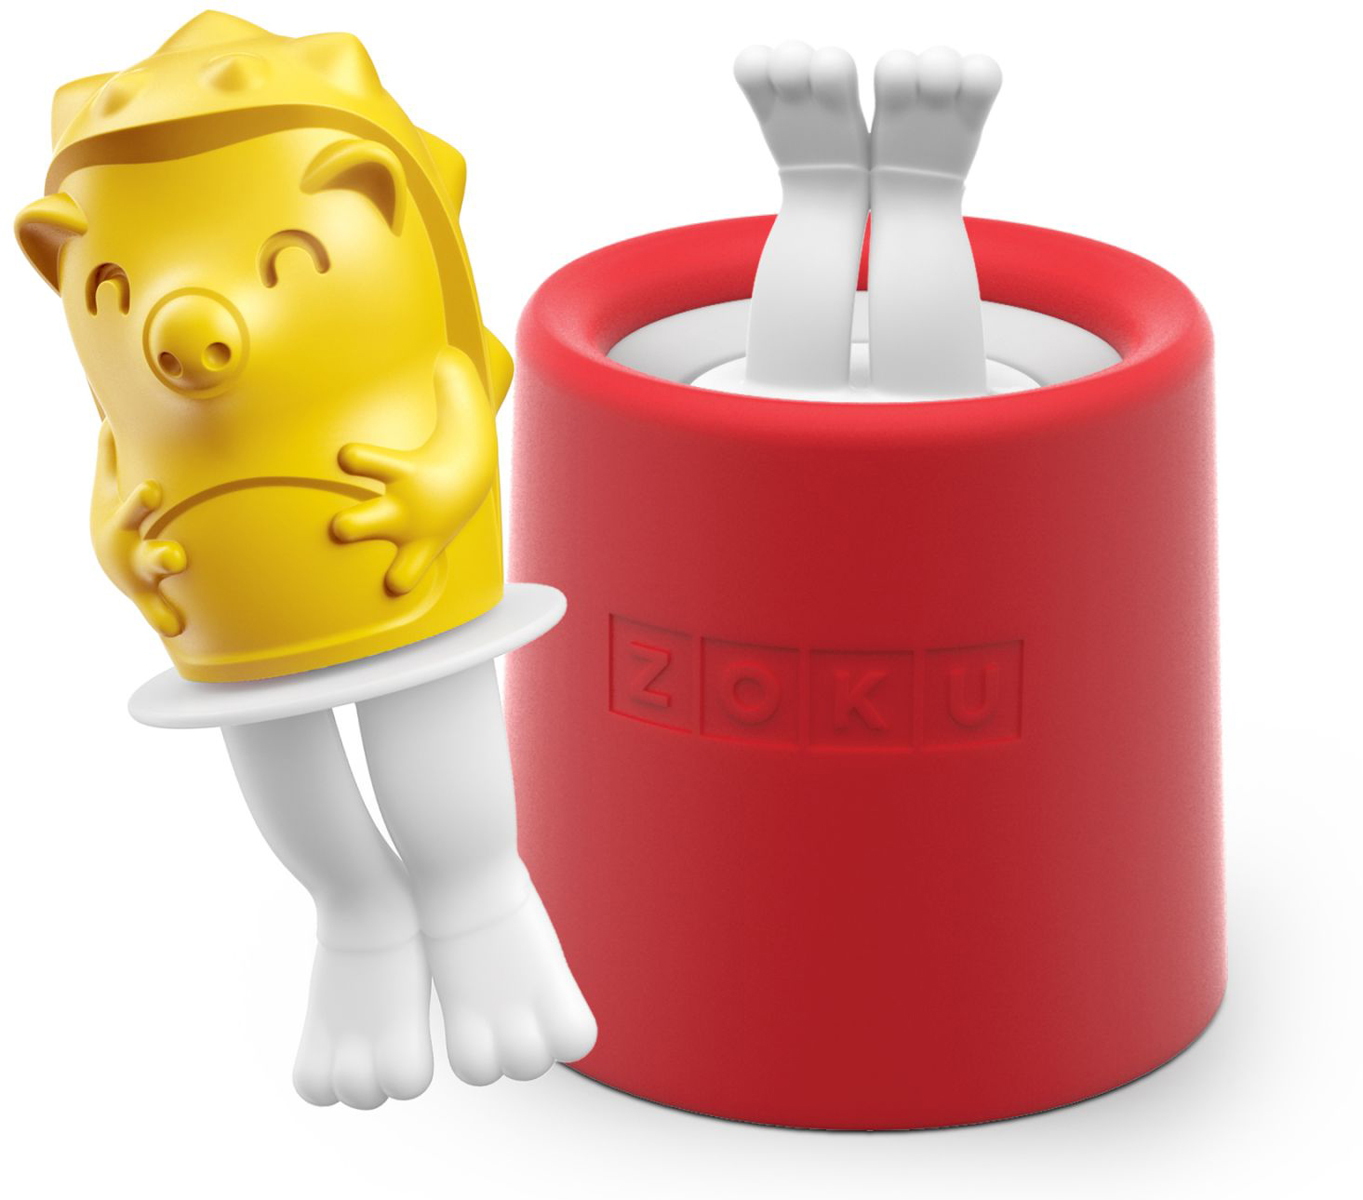 Форма для мороженого Zoku Hedgehog, 45 мл. ZK123-010ZK123-010Уникальная коллекция формочек для мороженого включает в себя 8 разных фигурок, с помощью которых вы сможете готовить вкусные и полезные домашние десерты. Теперь каждому члену семьи достанется свой персонаж, и не придется путаться в том, кому и какое лакомство принадлежит. Для приготовления мороженого залейте жидкость в форму до отметки и вставьте внутрь палочку. Оставьте в морозильной камере на восемь и более часов. Когда продукт готов, просто вытащите палочку и наслаждайтесь натуральным десертом собственного приготовления. Объем - 45 мл. Форма не содержит вредных примесей и бисфенола-А. Моется вручную.